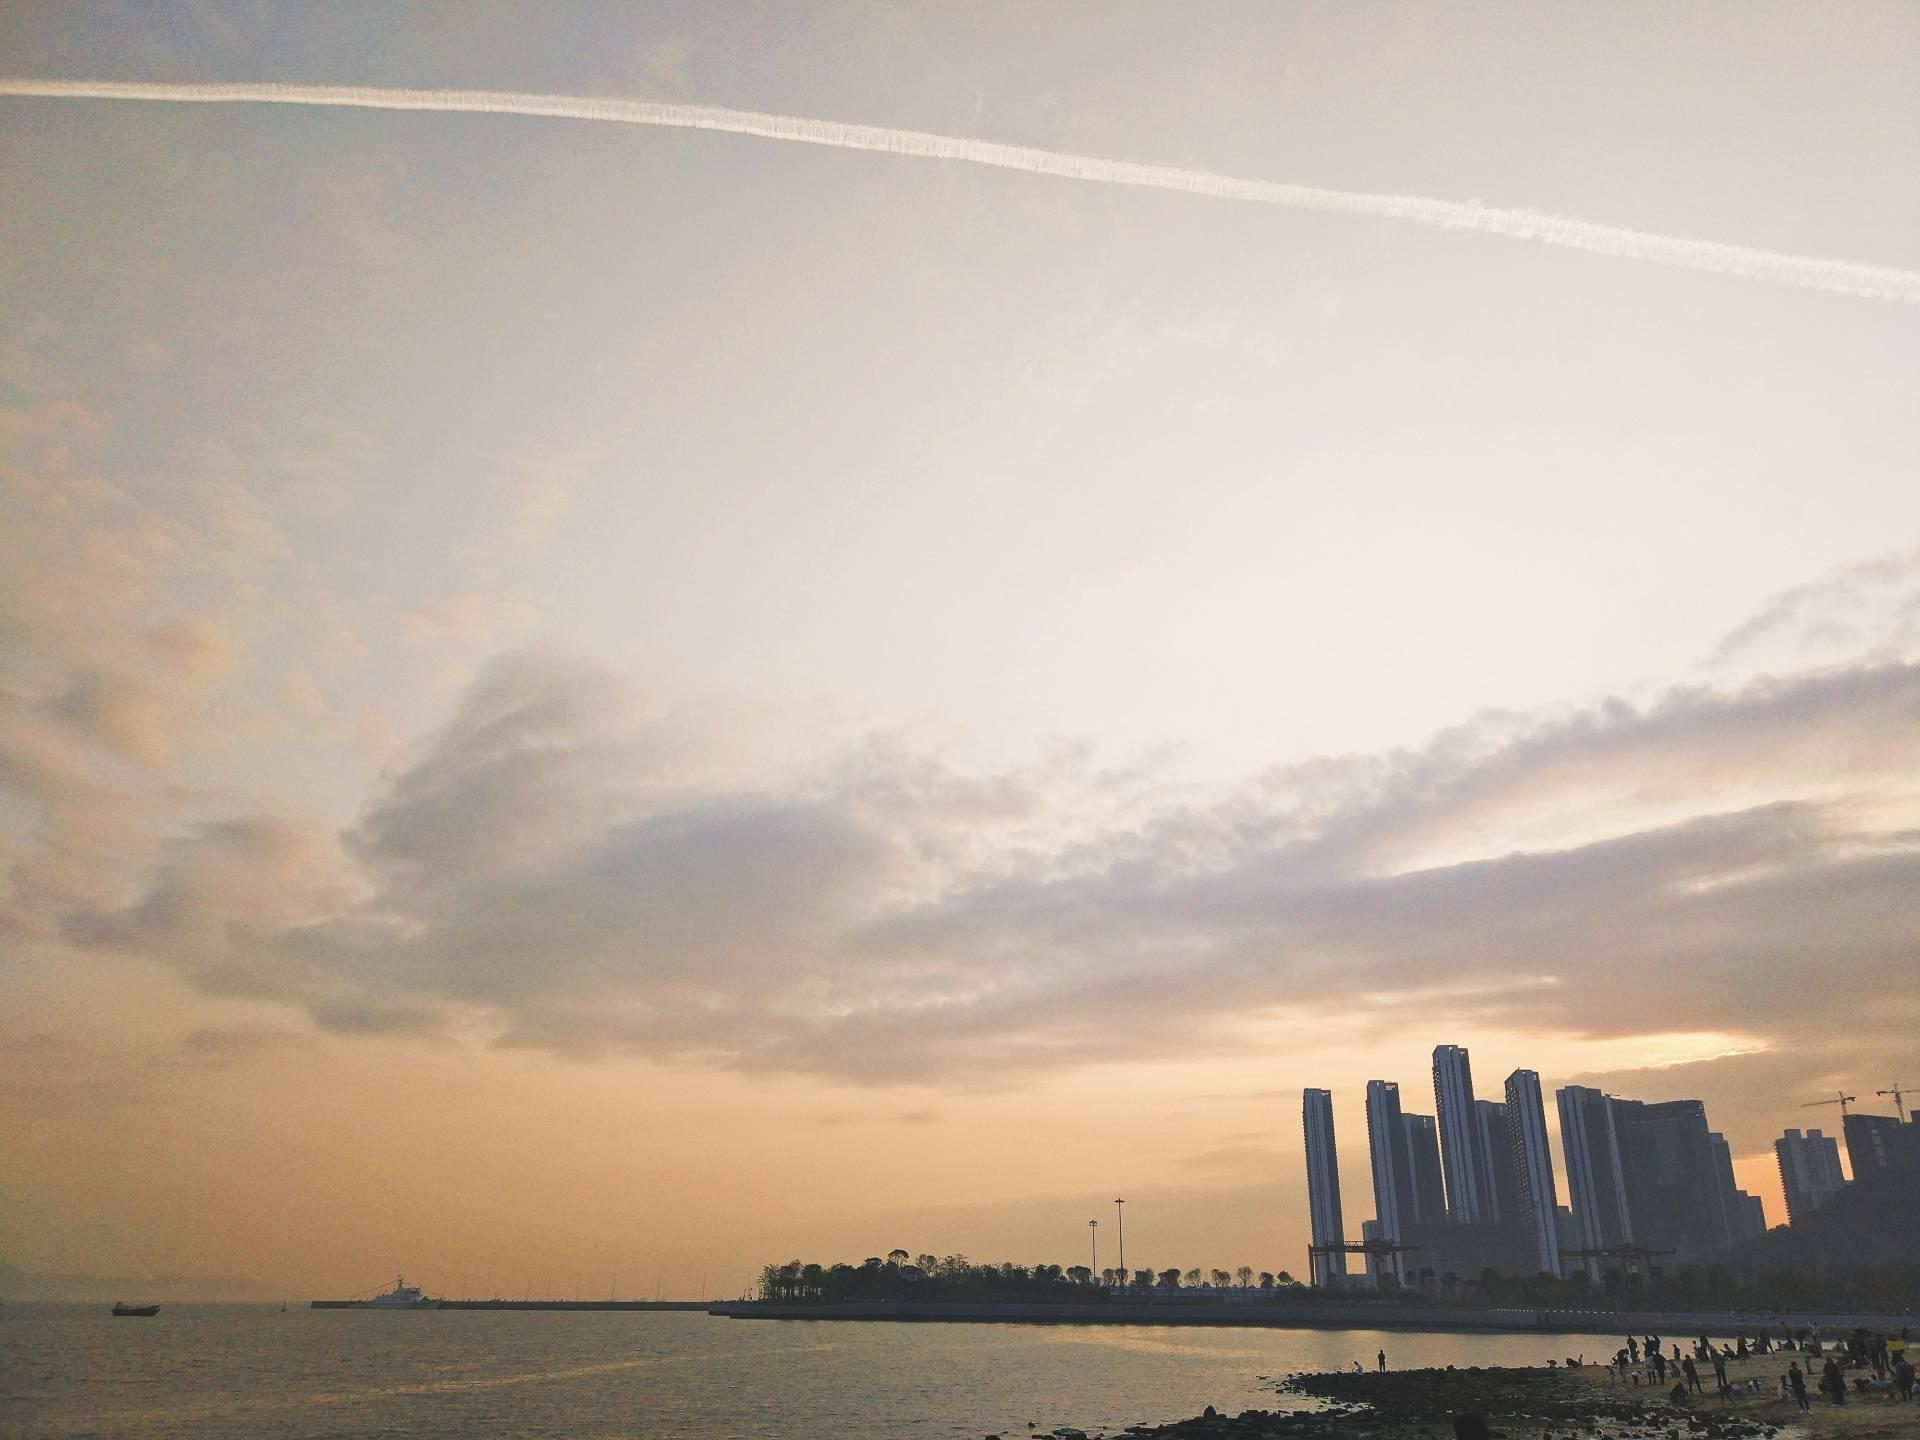 【旅行中的摄影师】深圳湾滨海休闲带,周末打卡新去处